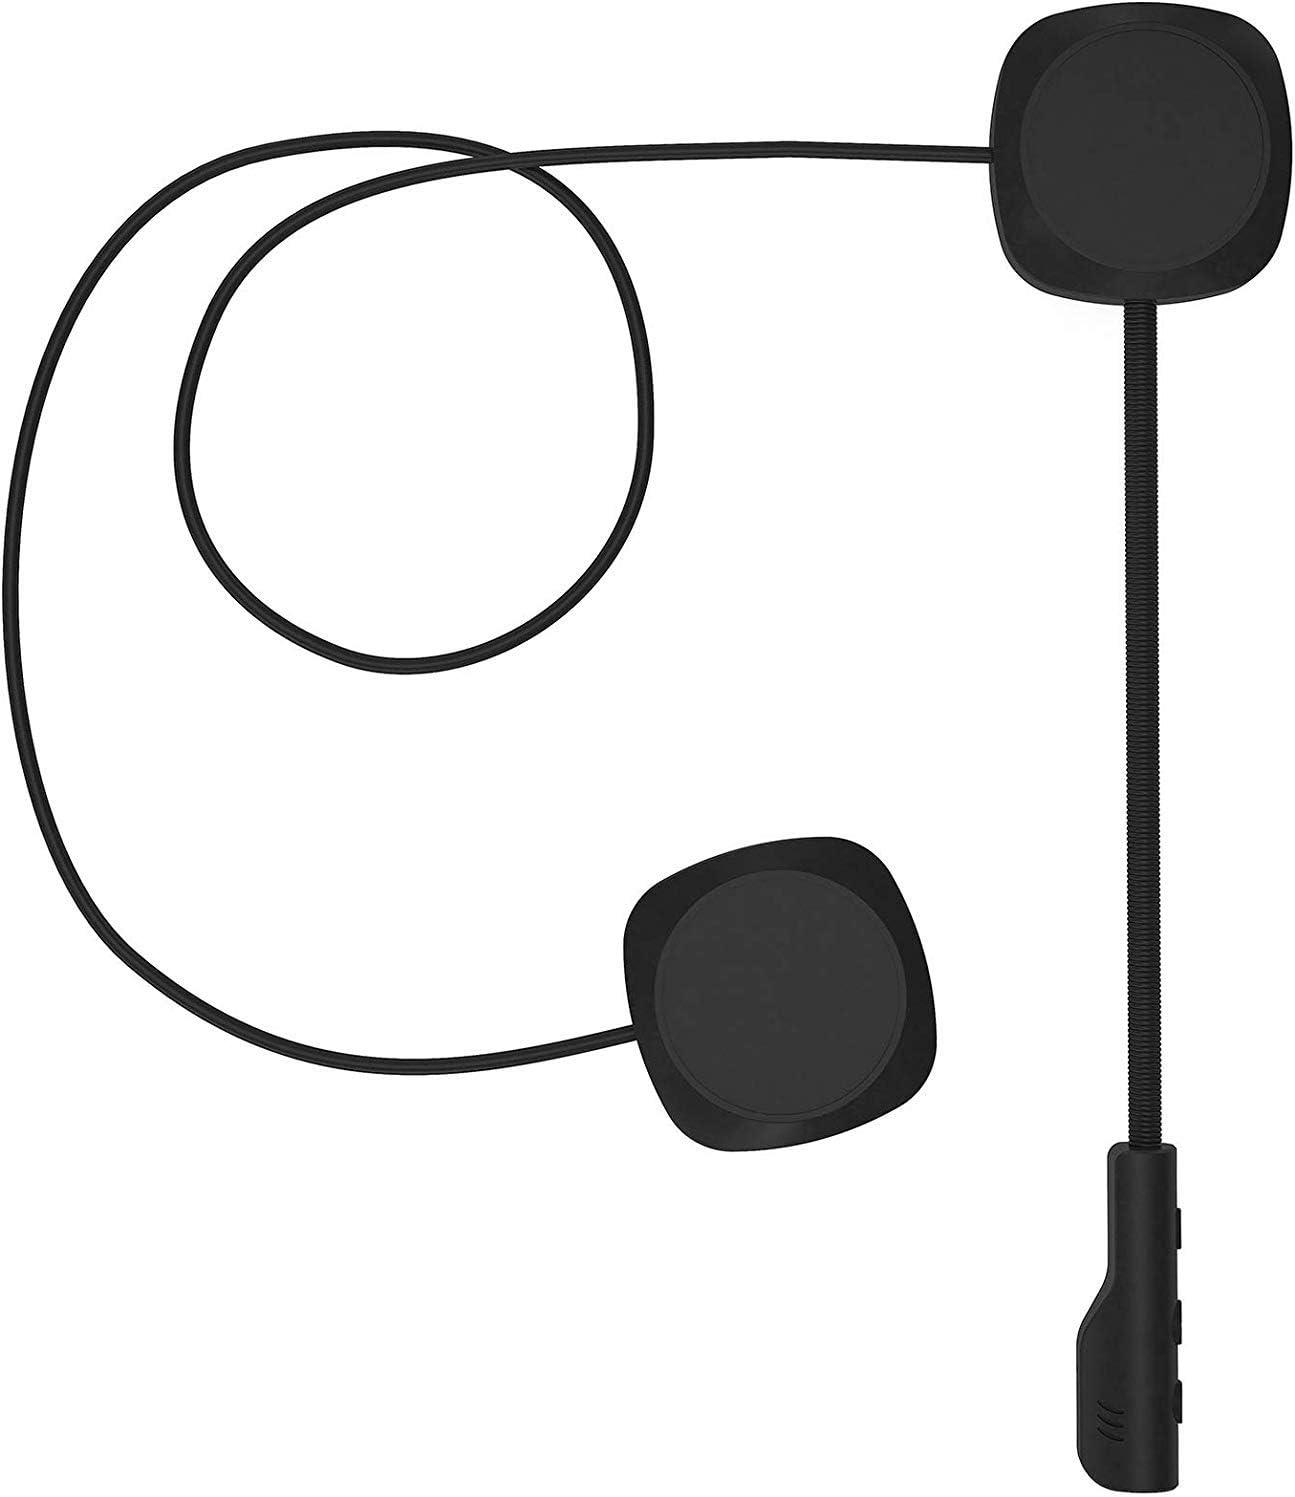 3T6B - Auriculares para Cascos de Moto Bluetooth 5.0, Auriculares para Casco de Moto para Manos Libres, Altavoces Musicales, Control de Llamadas de micrófono, Auriculares antiinterferencias